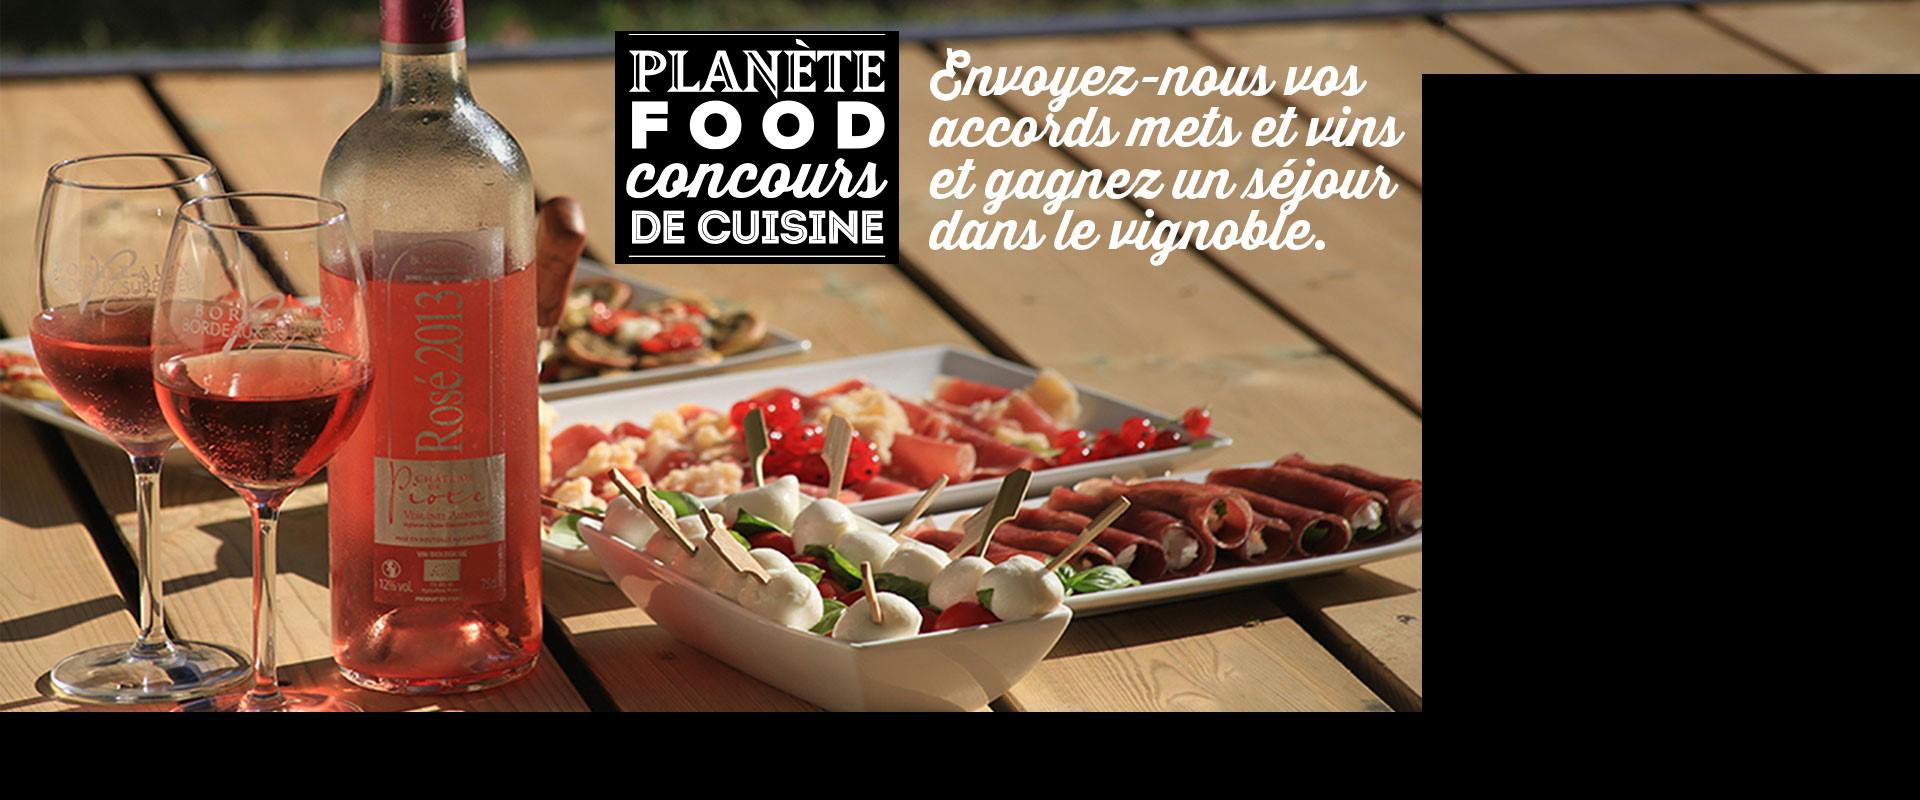 Concours Planète Food